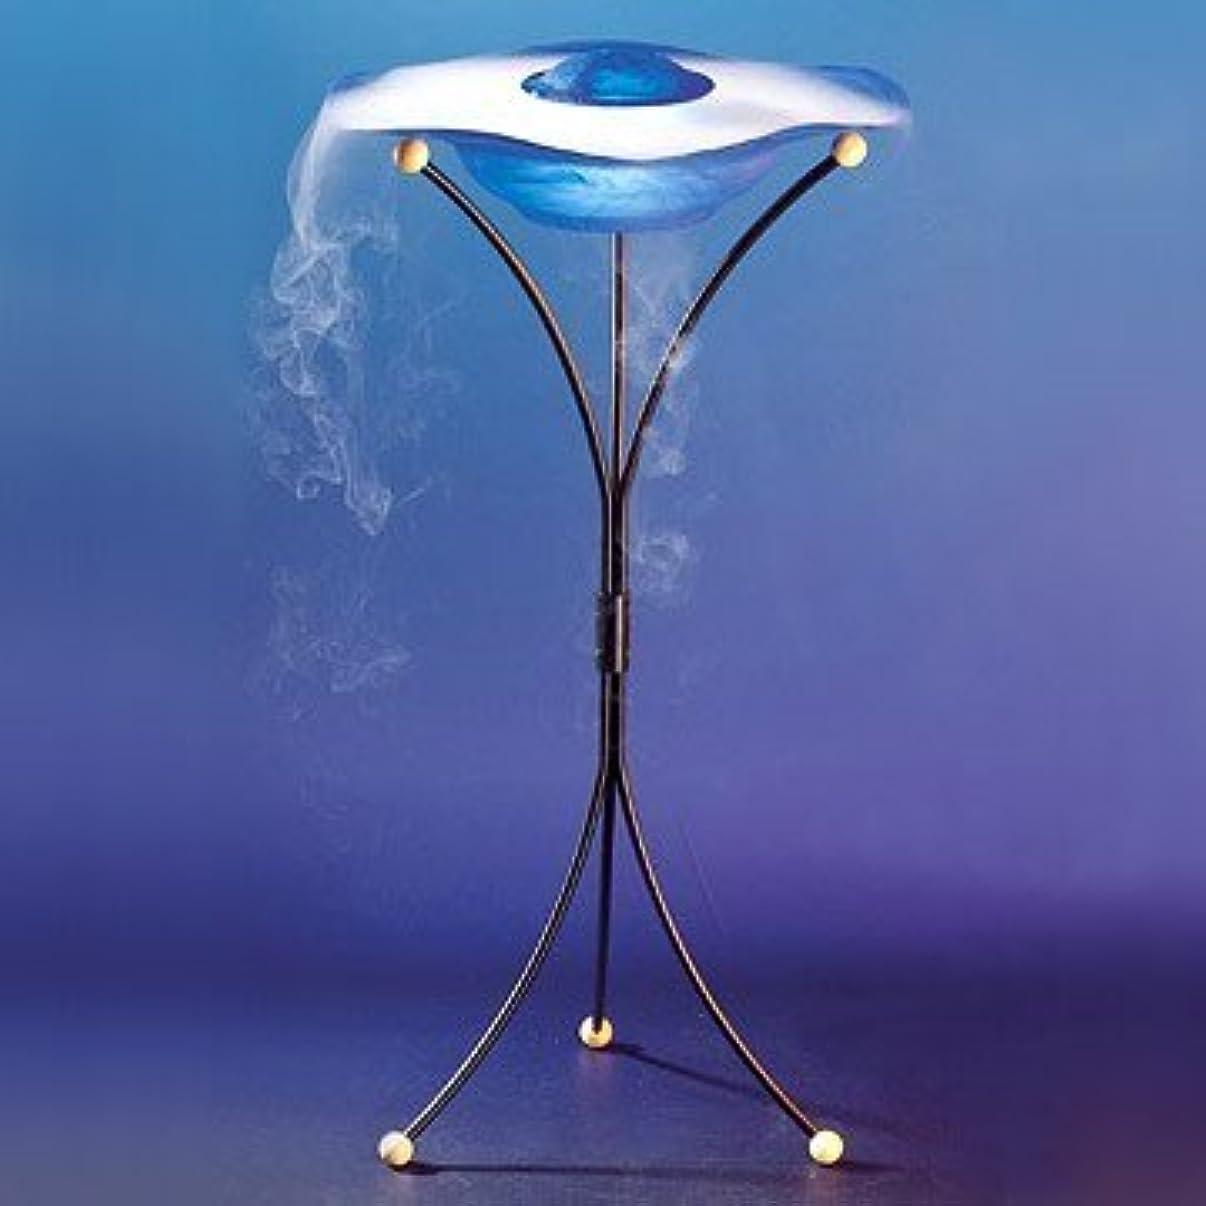 極端な衝動友情Canary Products Floor Mist Fountain, Blue [並行輸入品]